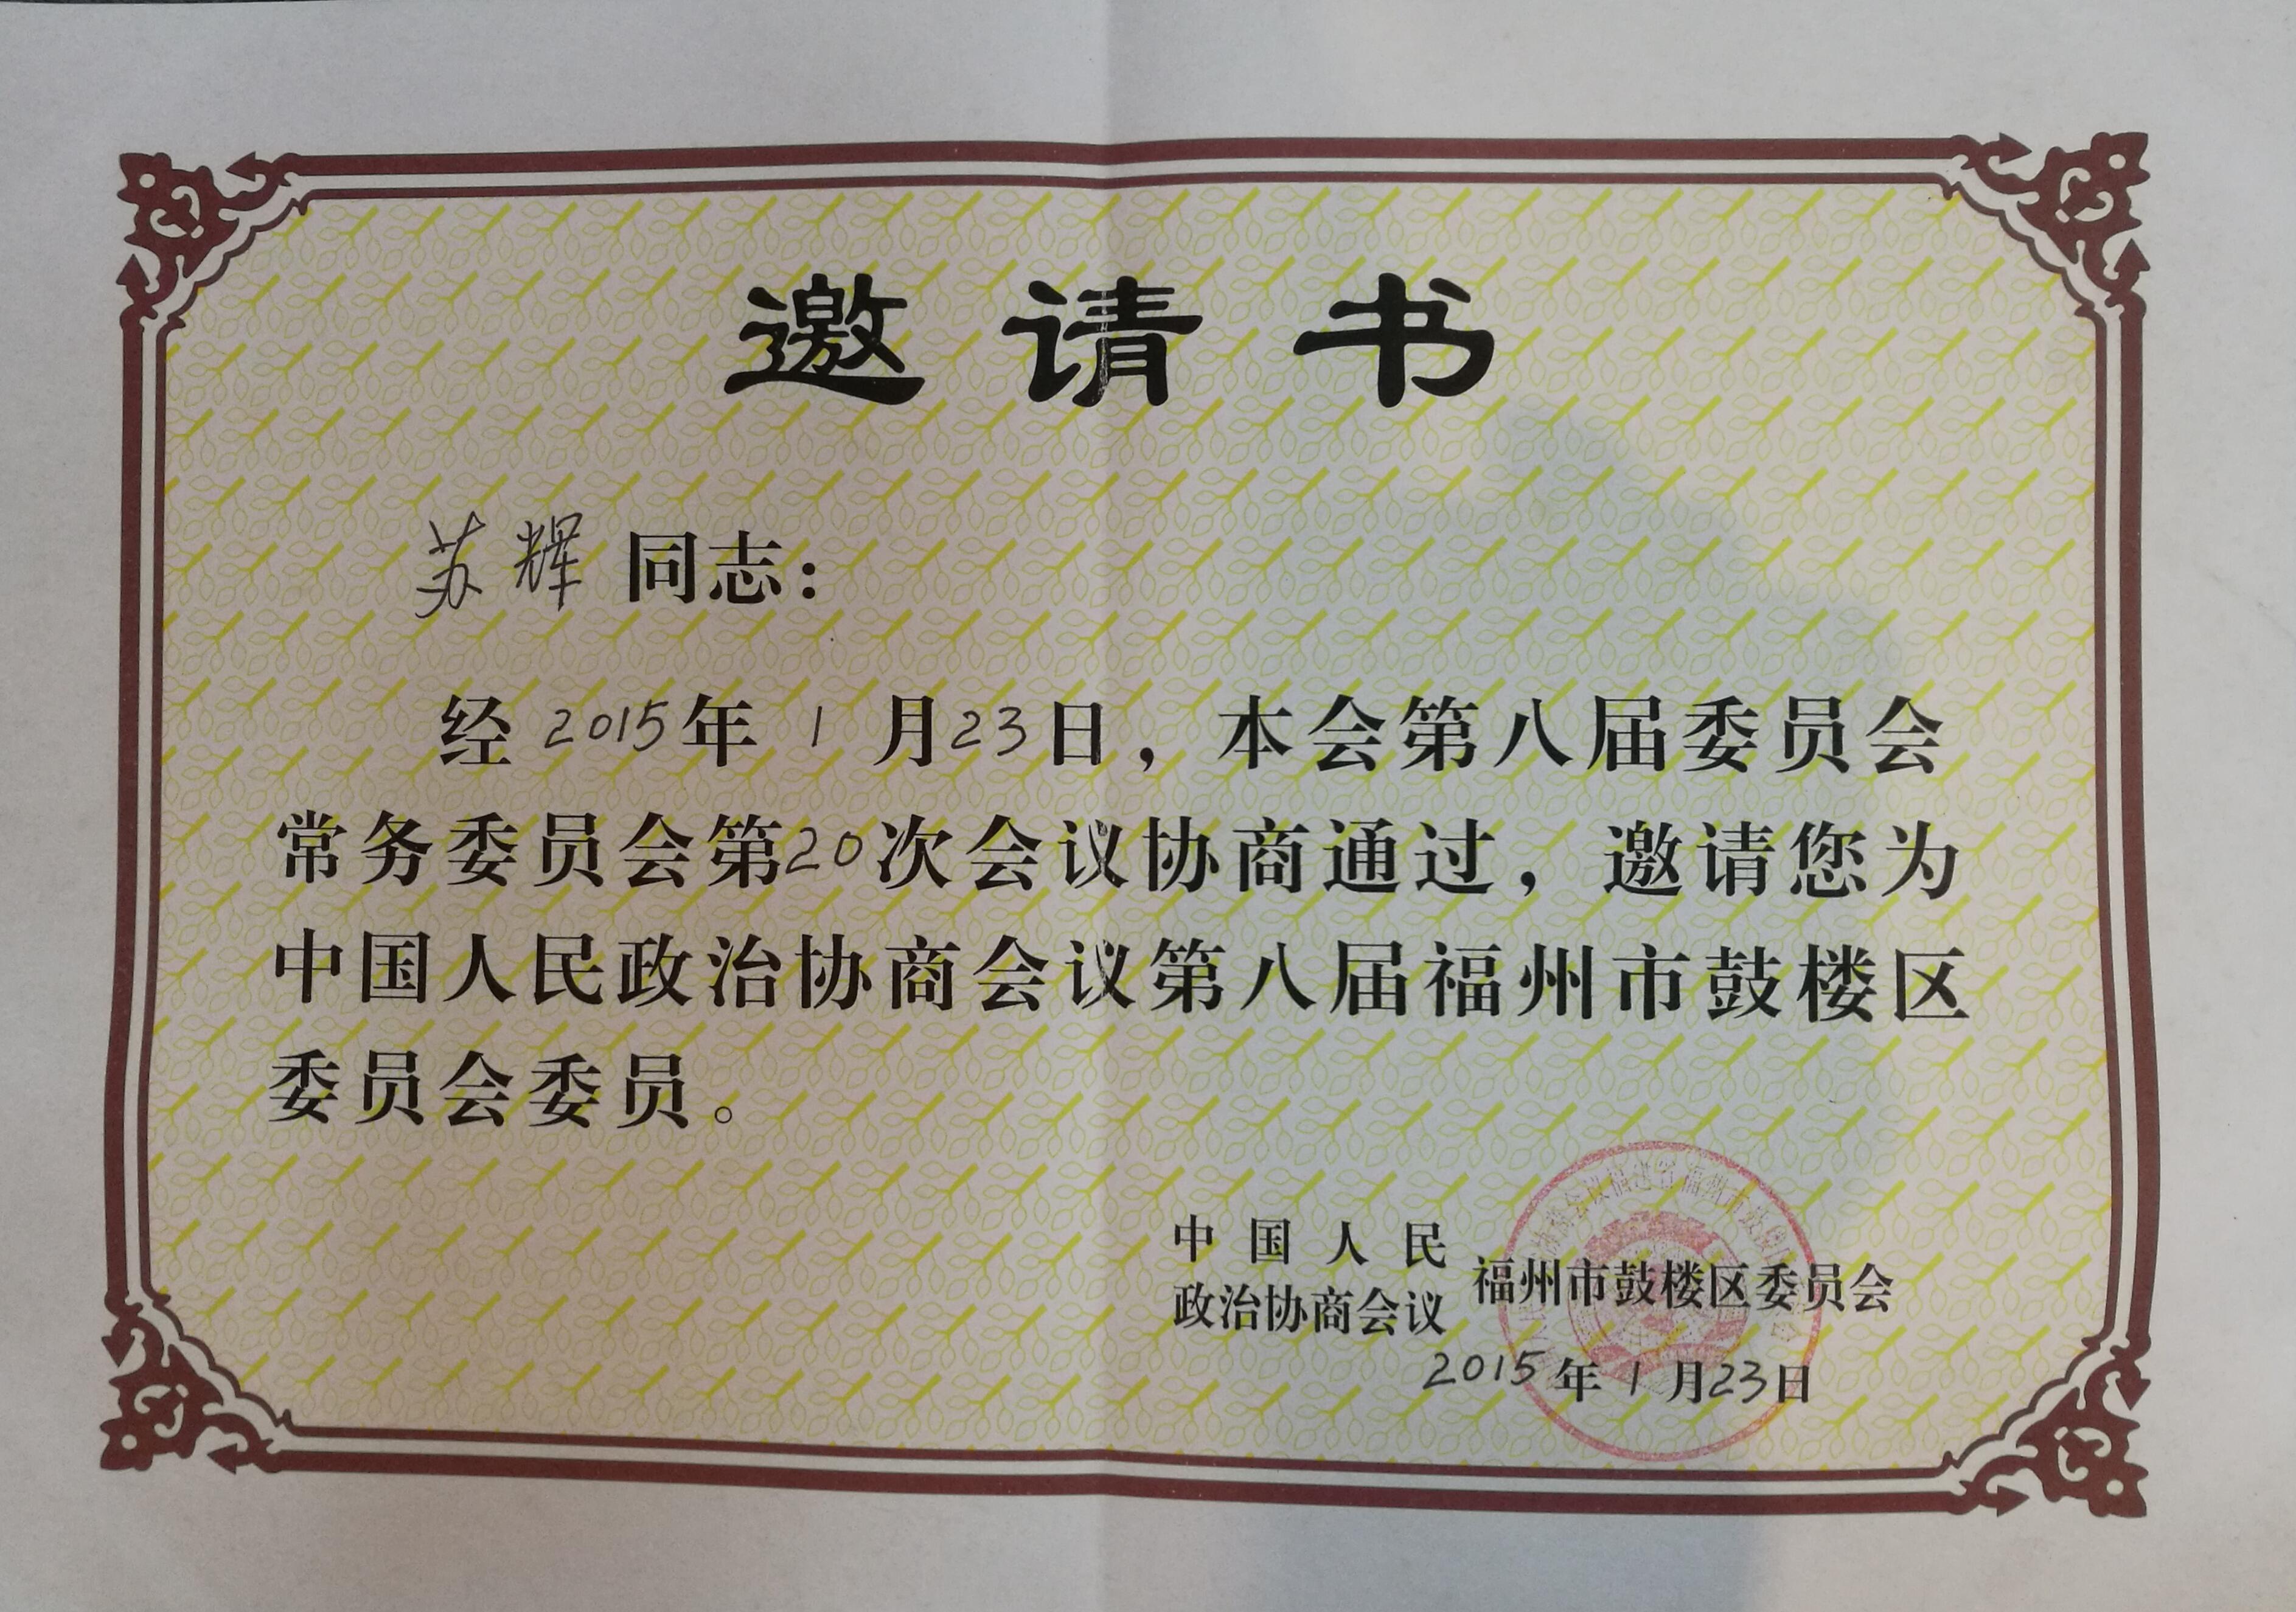 中國人民政治協商會議第八屆福州市鼓樓區委員會委員-蘇輝